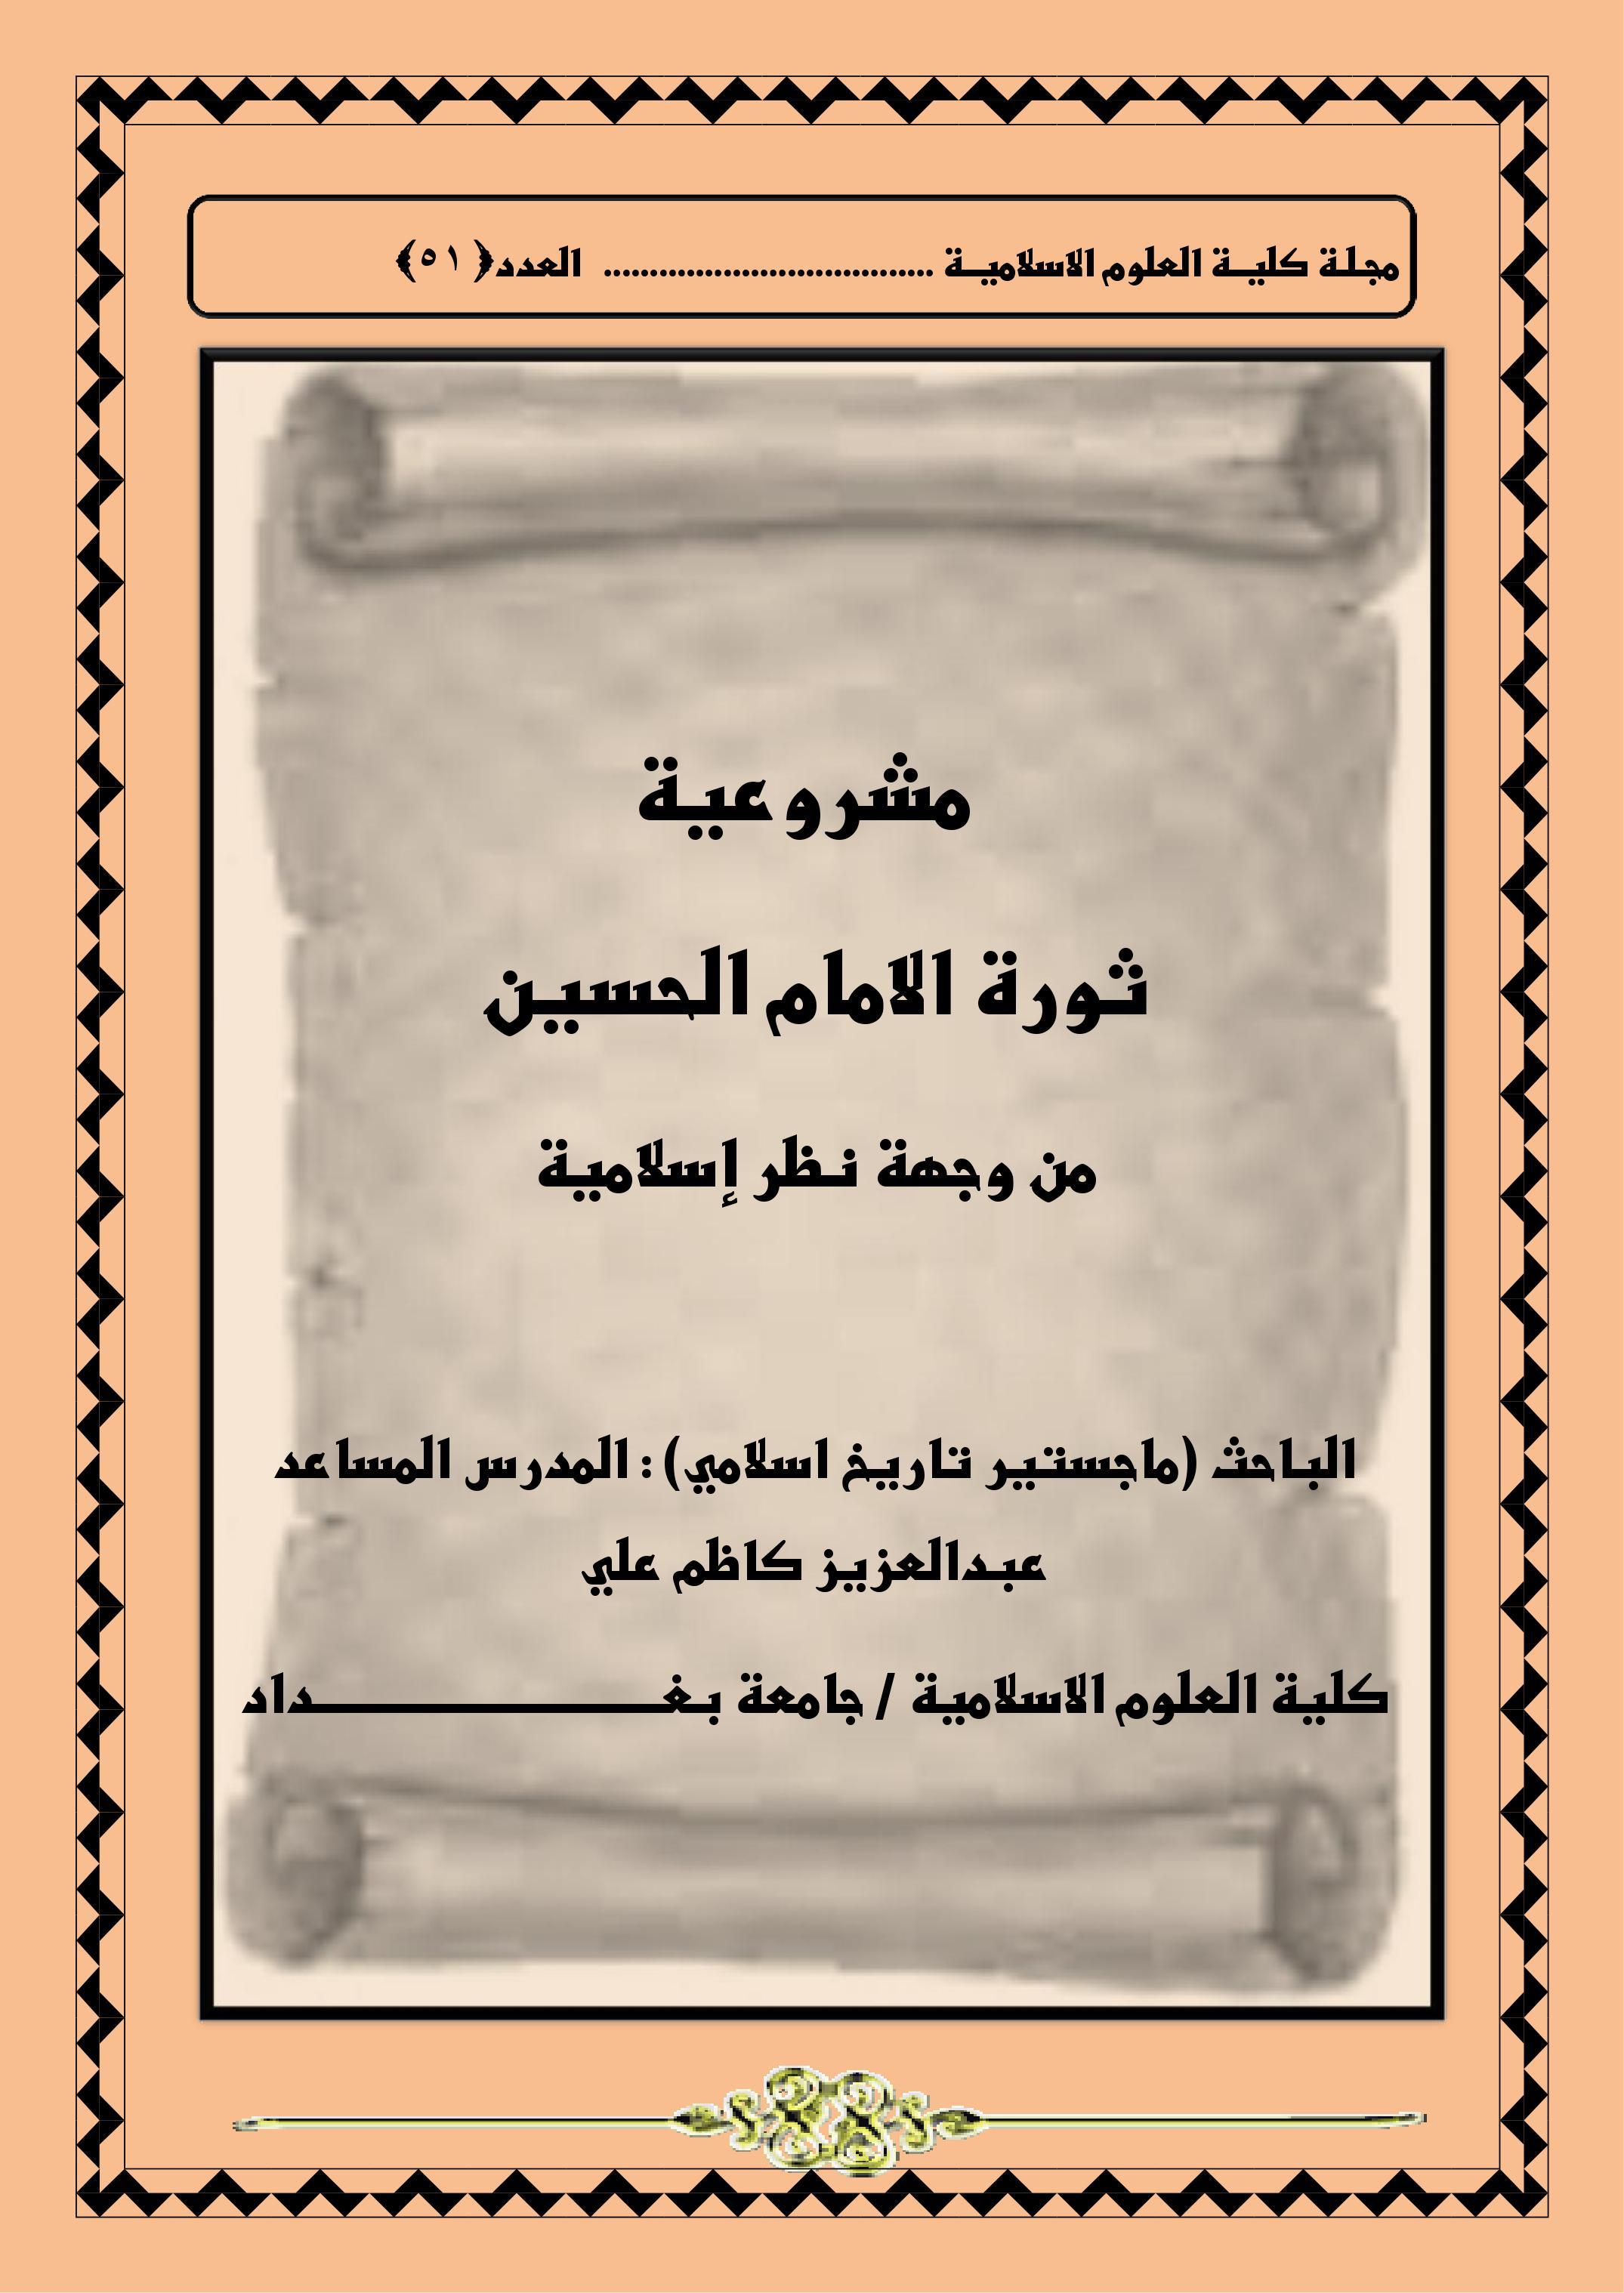 مشروعية                        ثورة الامام الحسين من وجهة نظر إسلامية